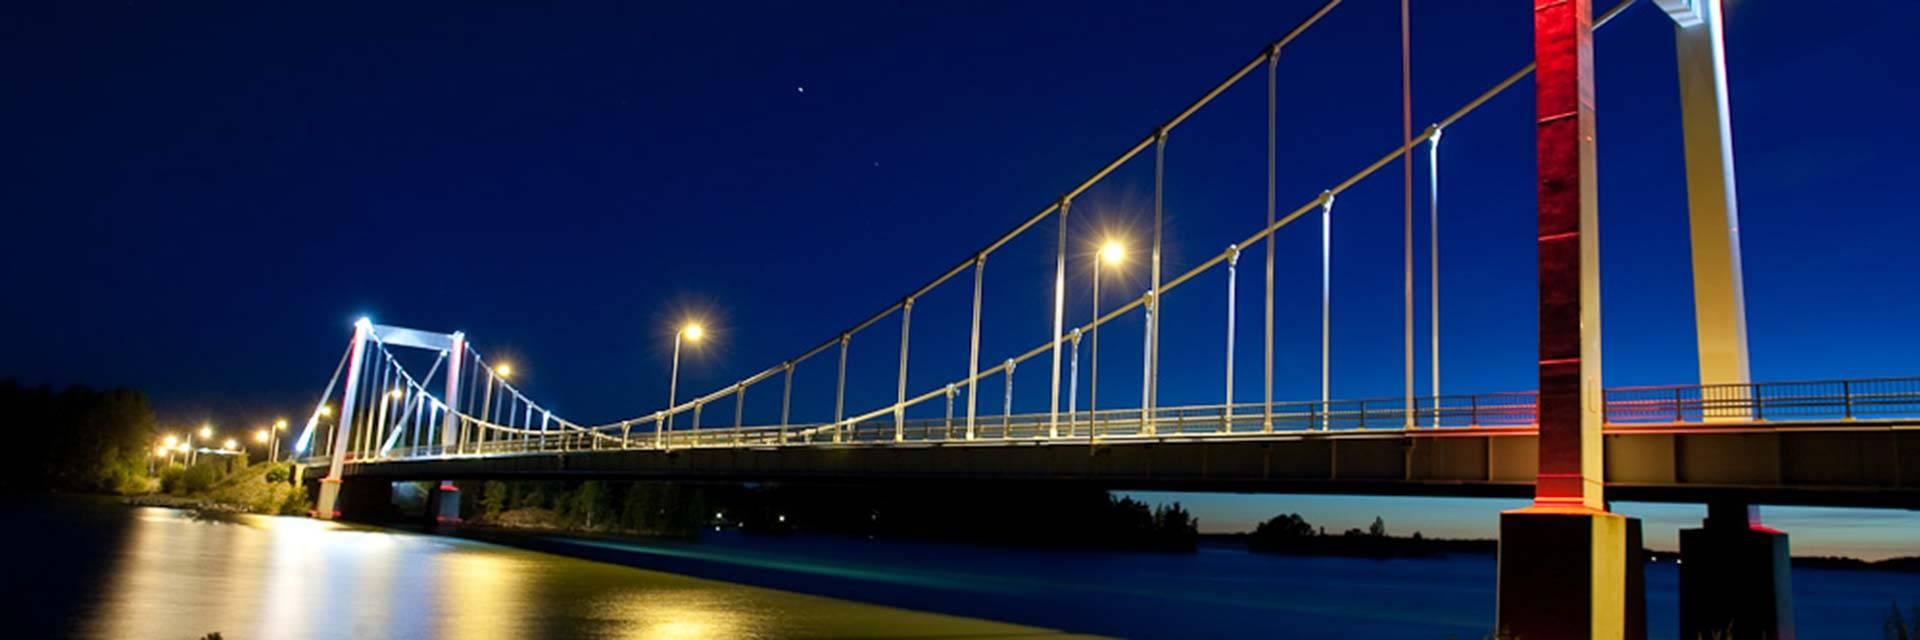 Sääksmäen silta iltavalaistuksessa